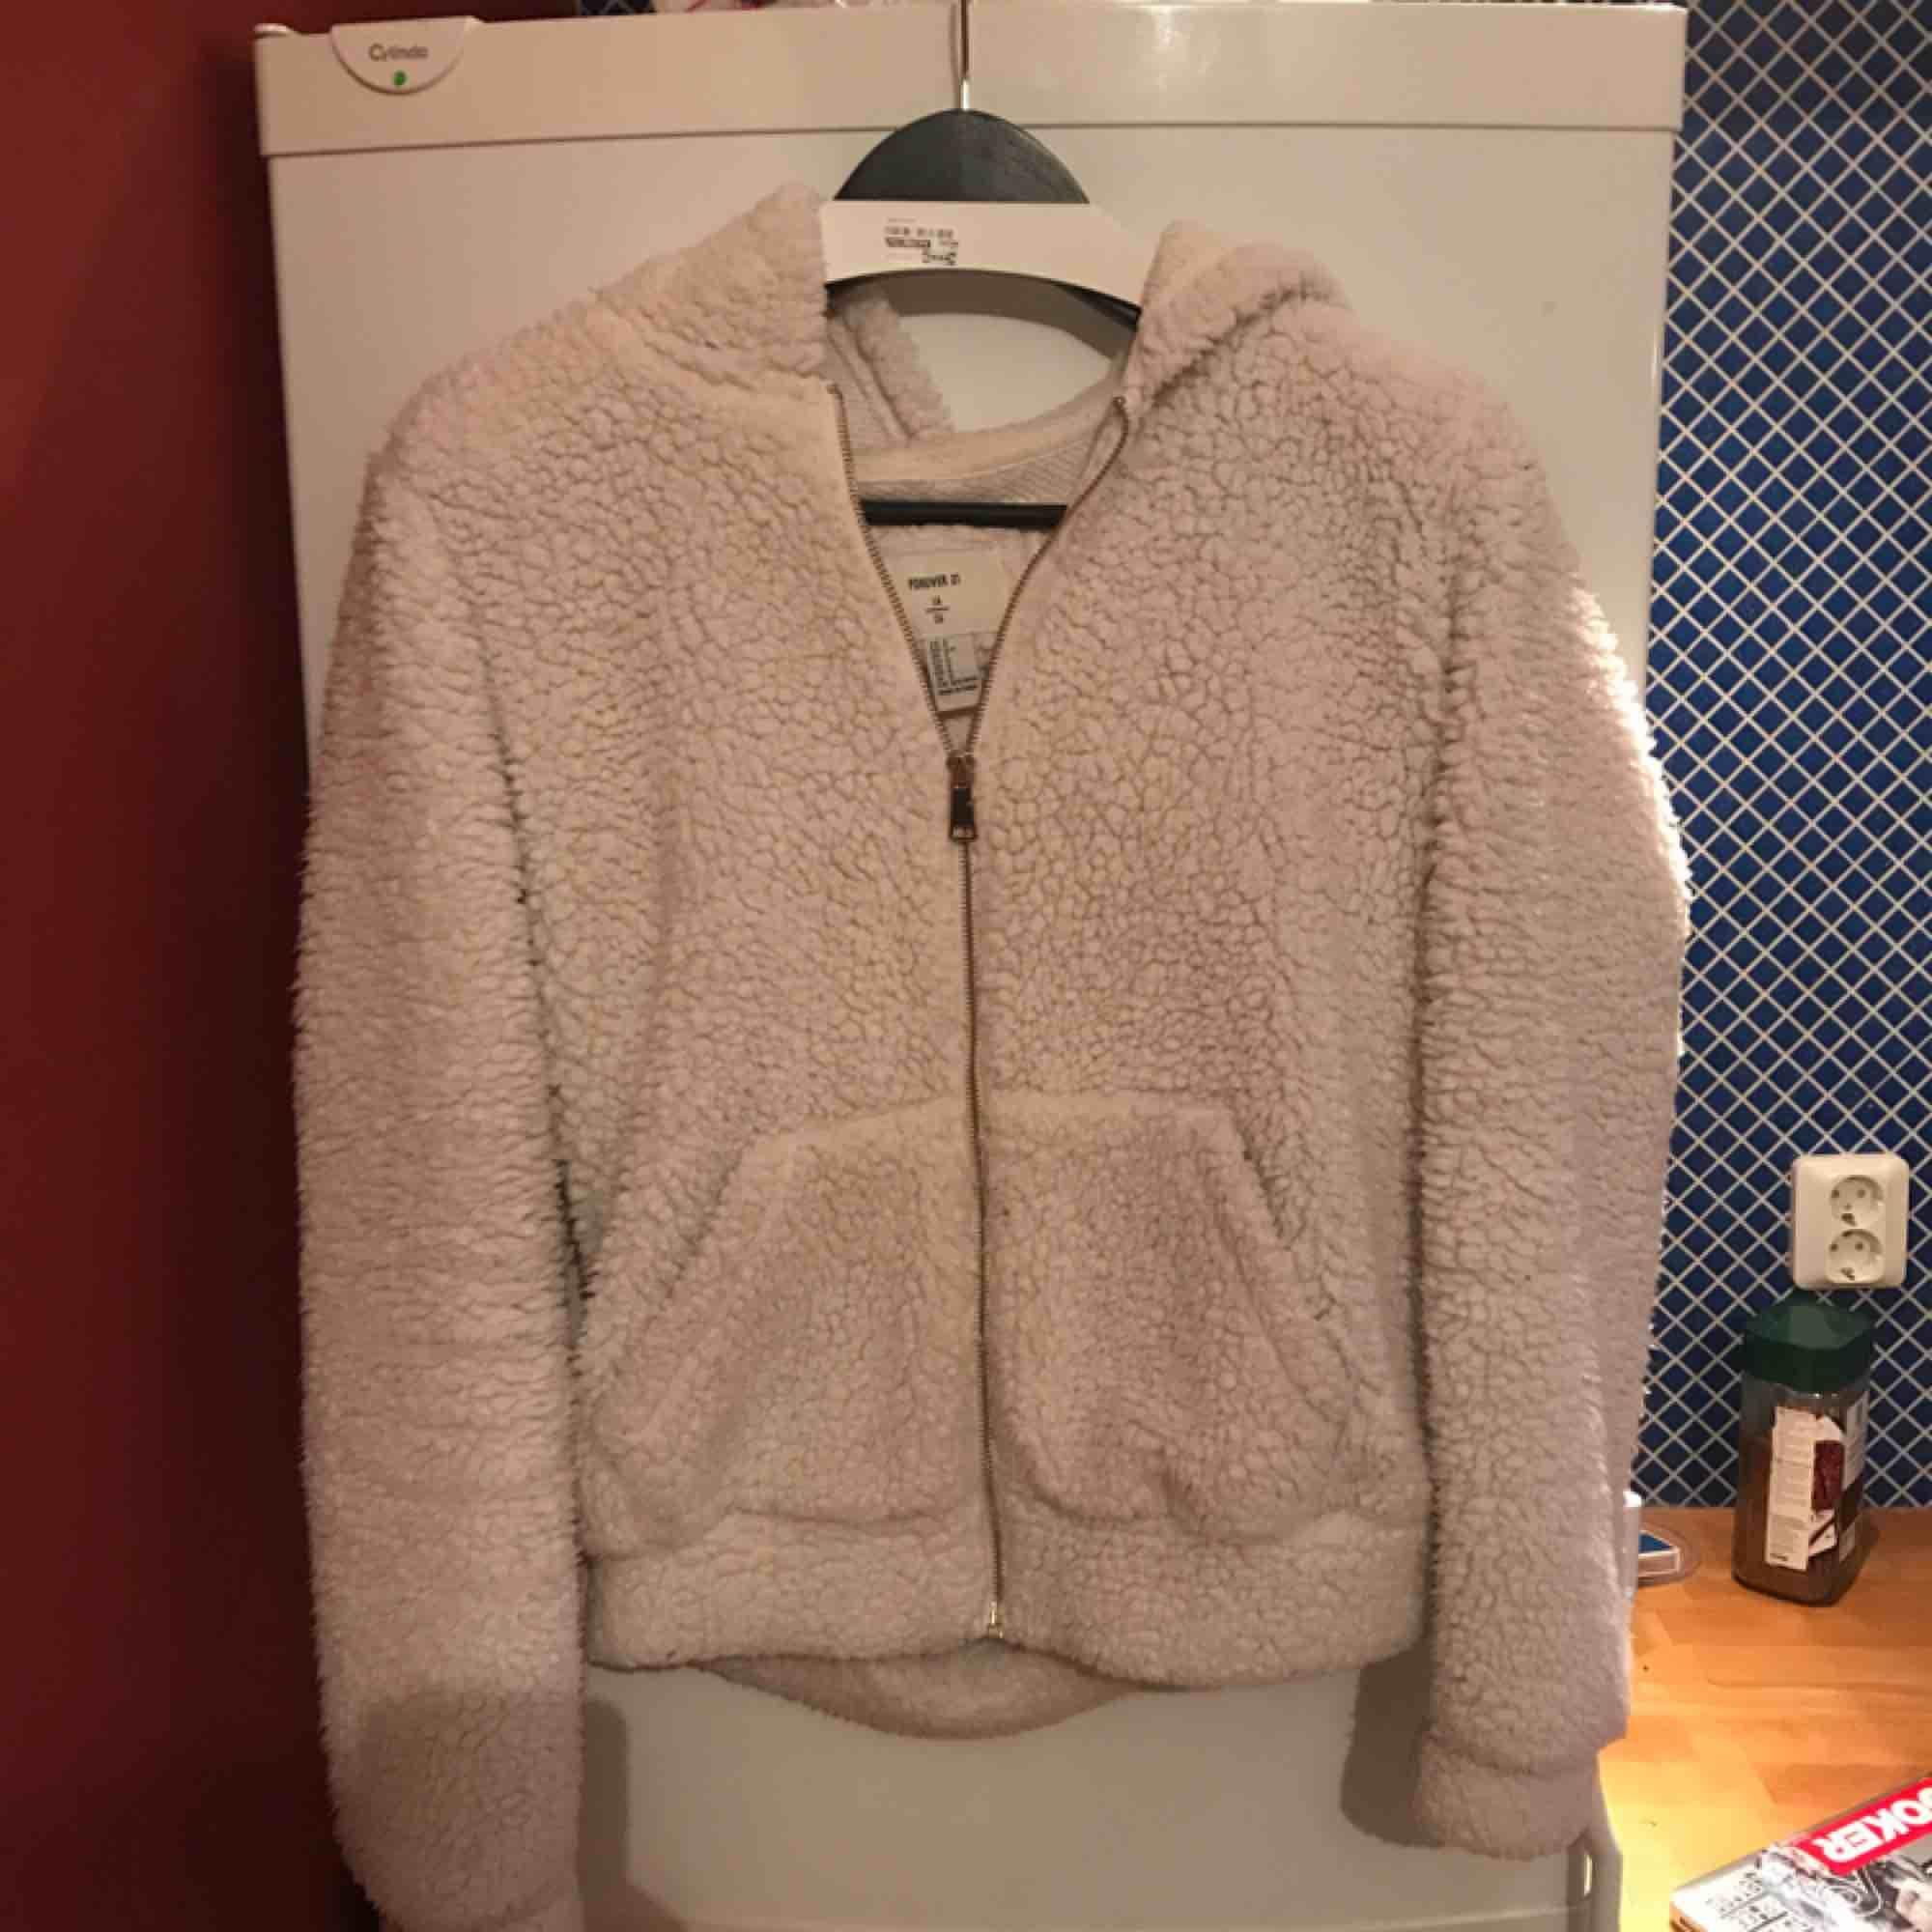 Jättegosig hoodie fr forever 21 💭💓 frakt ingår. Huvtröjor & Träningströjor.